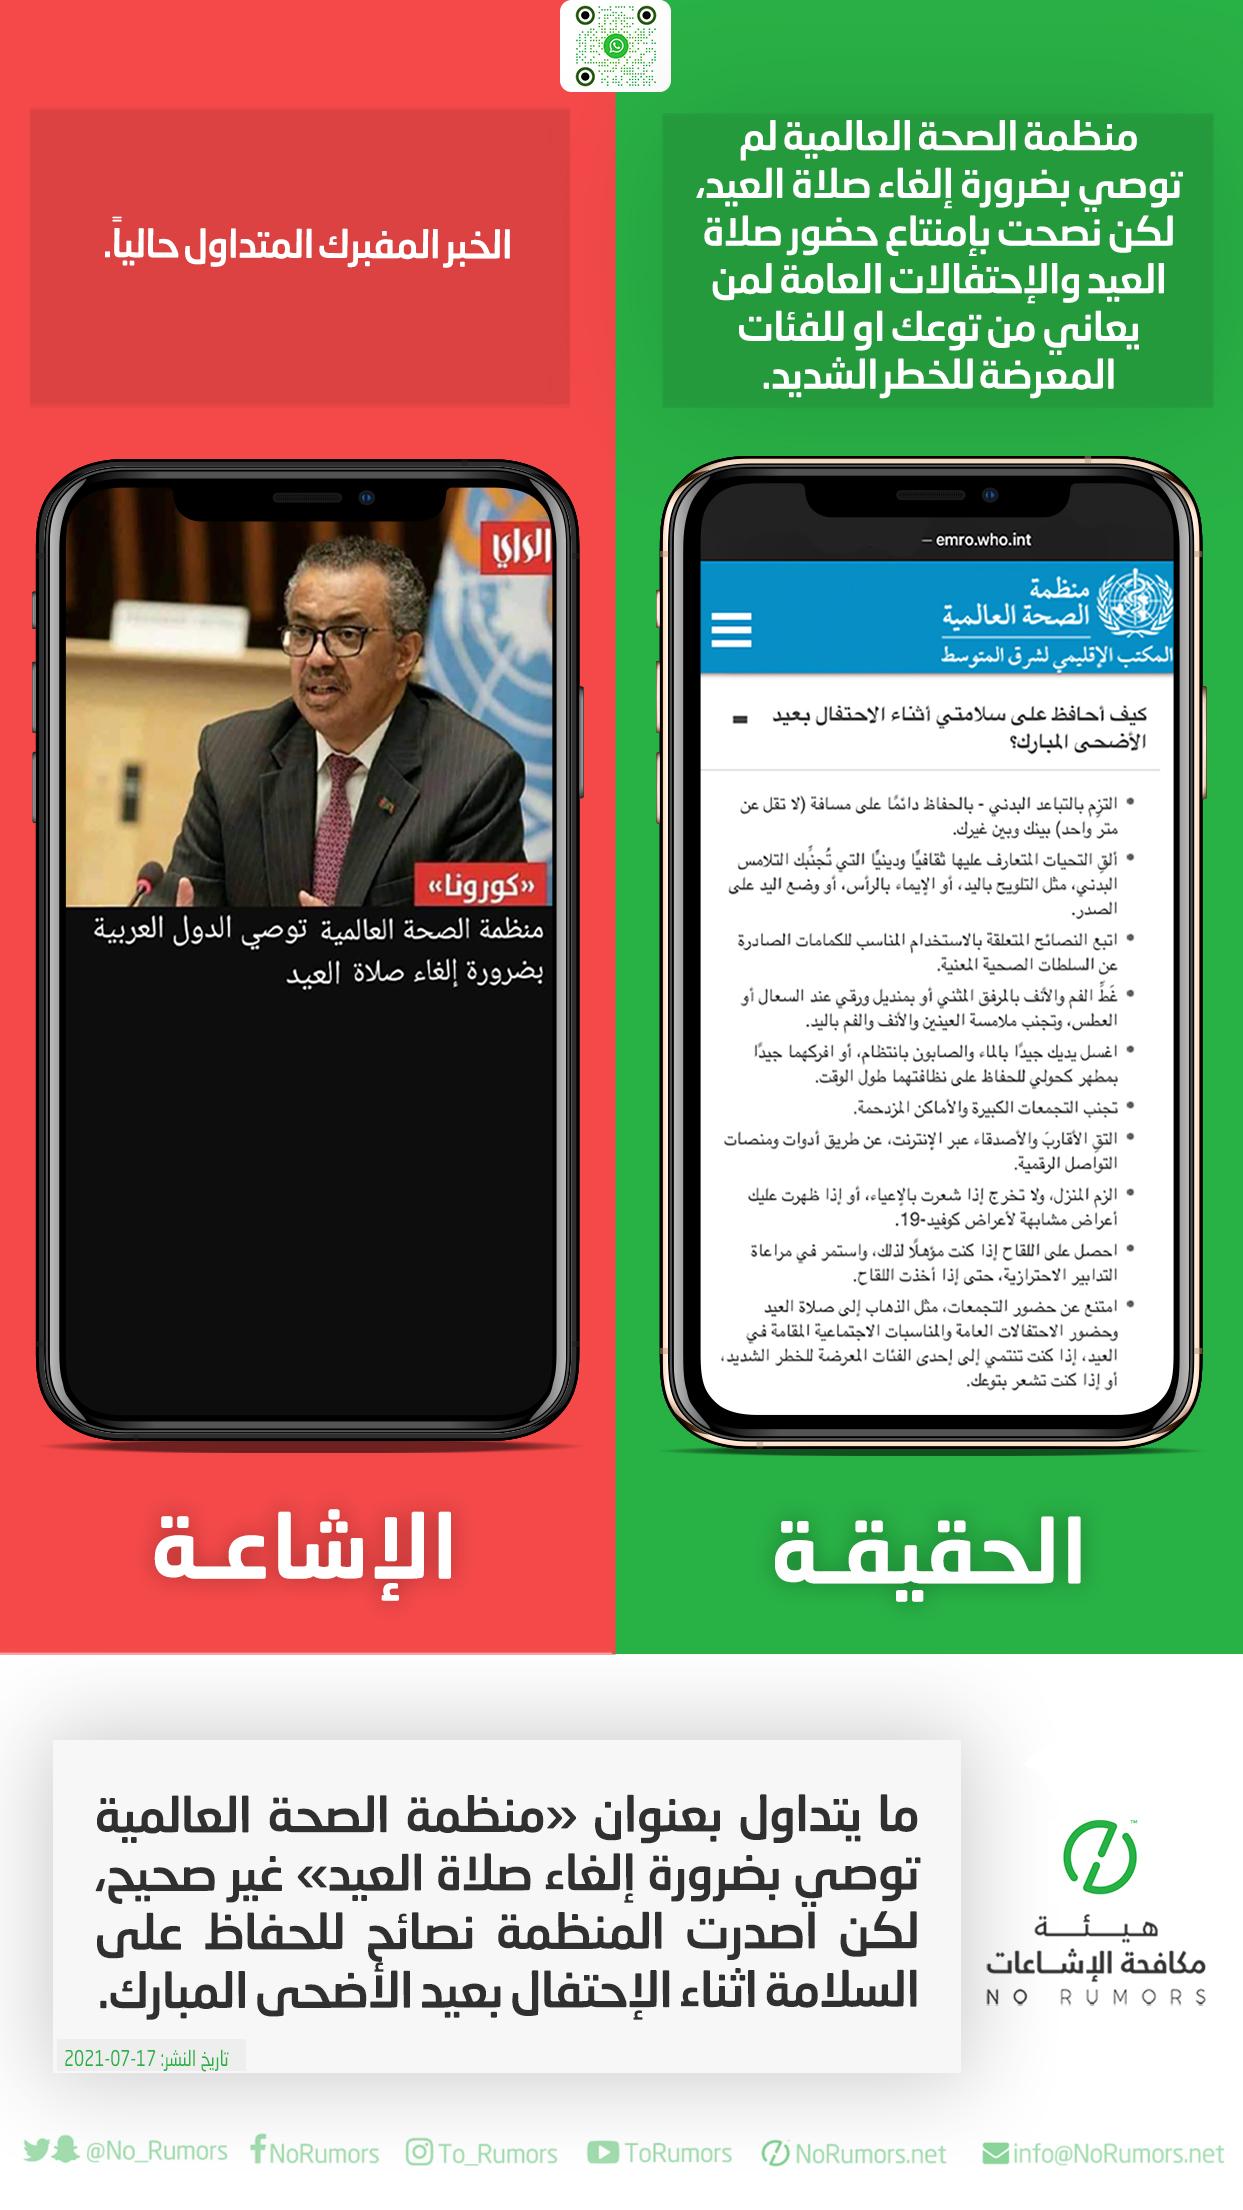 حقيقة ما يتداول بعنوان «منظمة الصحة العالمية توصي بضرورة إلغاء صلاة العيد»